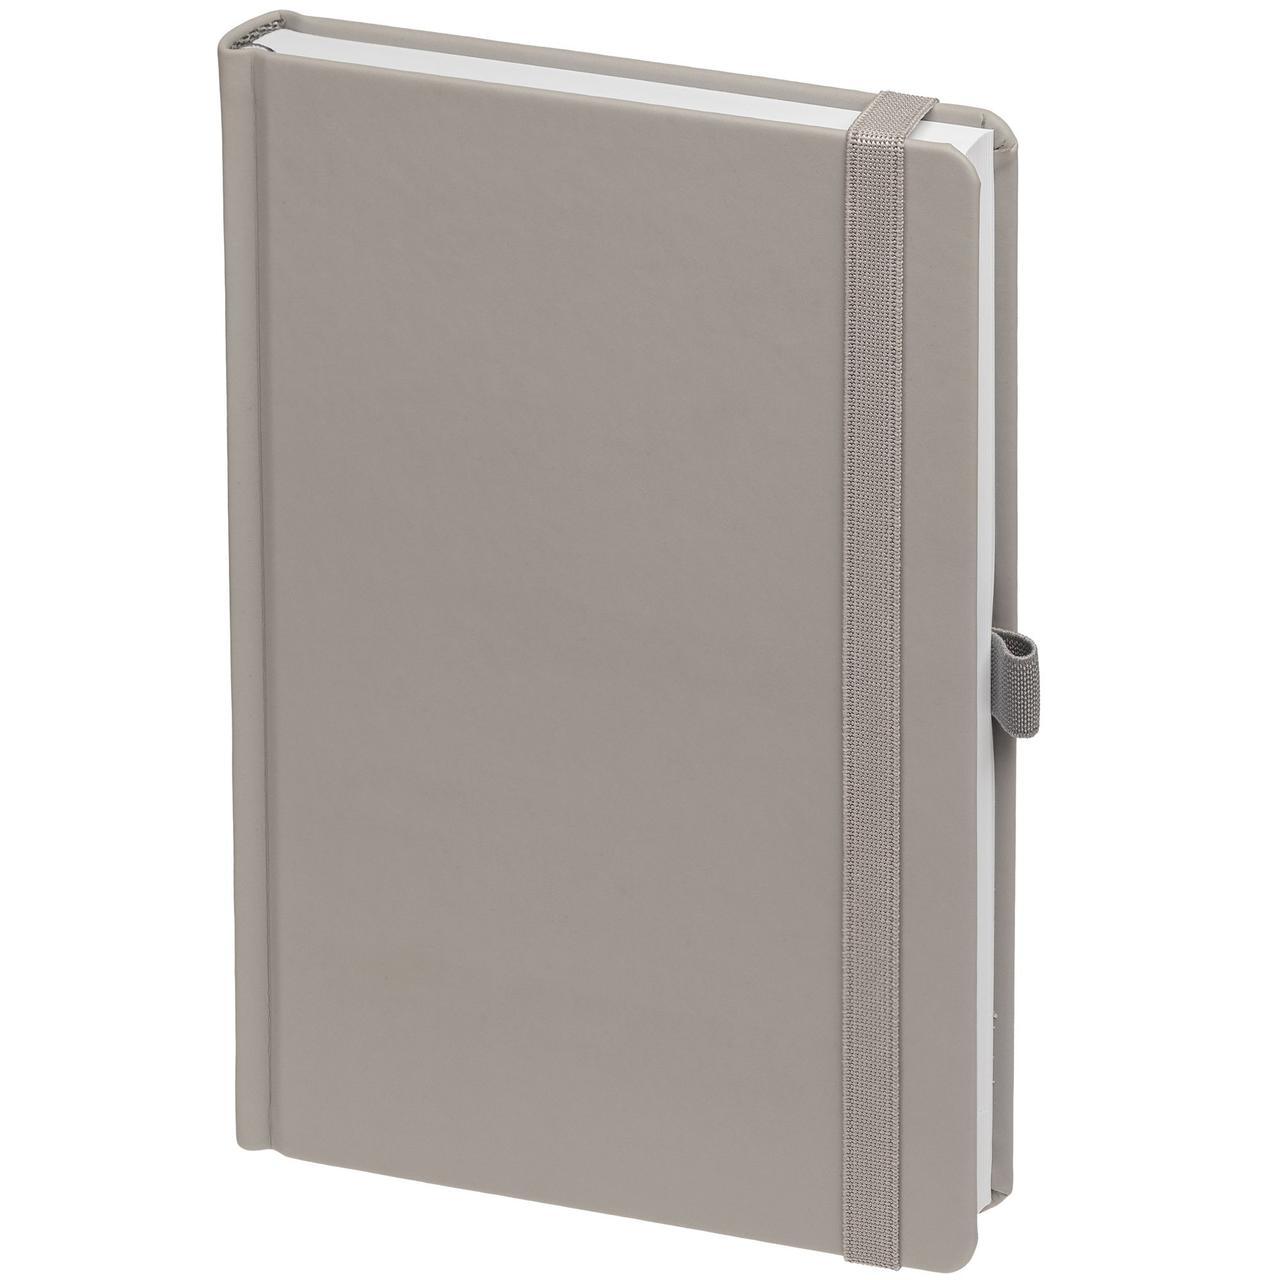 Ежедневник Favor, недатированный, серый (артикул 17072.10)